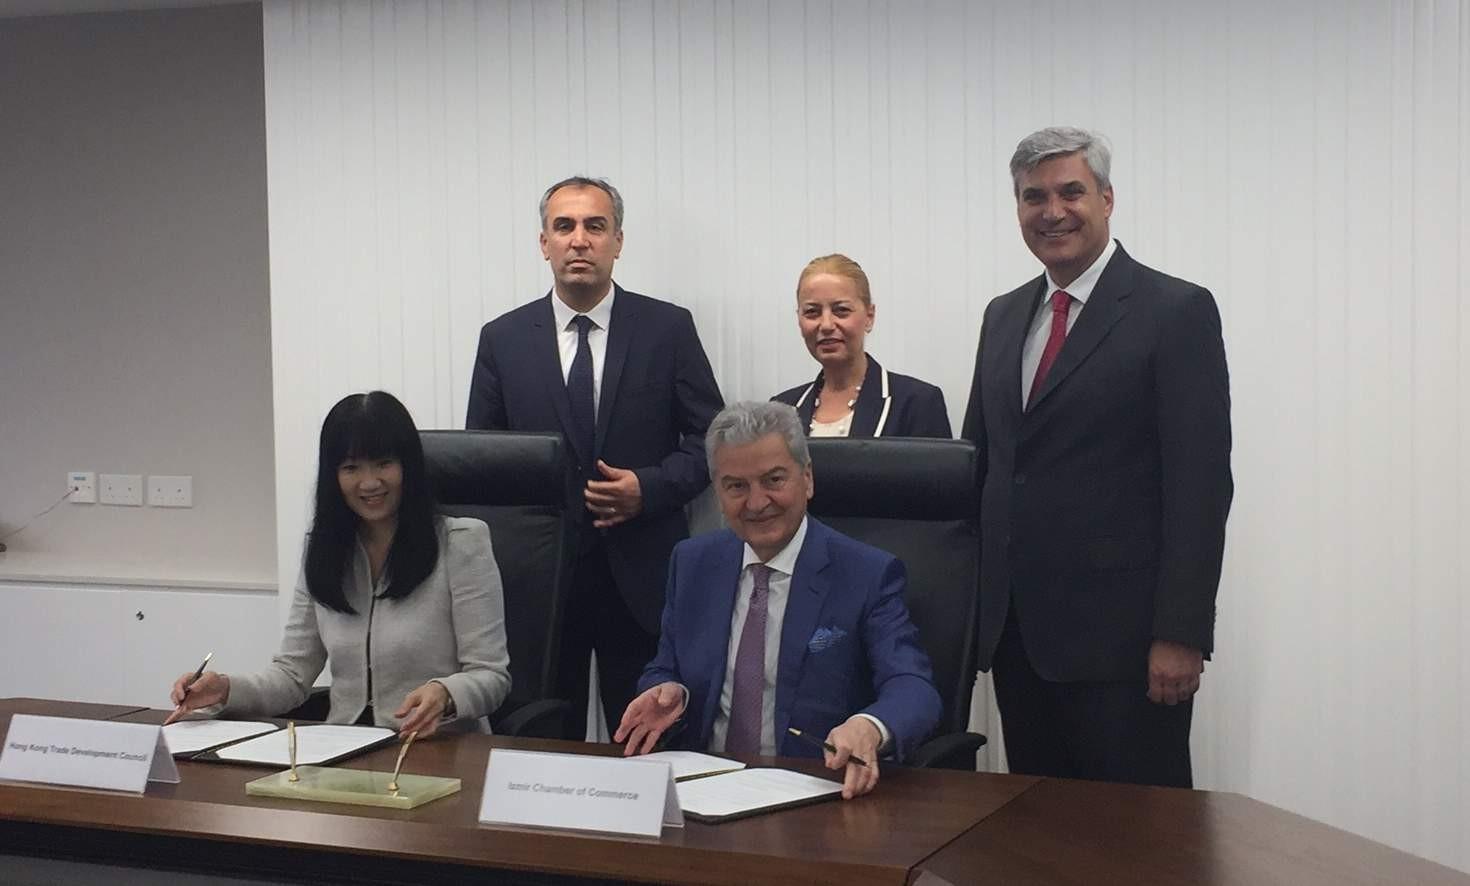 İTO'dan Çin'de 4 işbirliği ve kardeşlik imzası